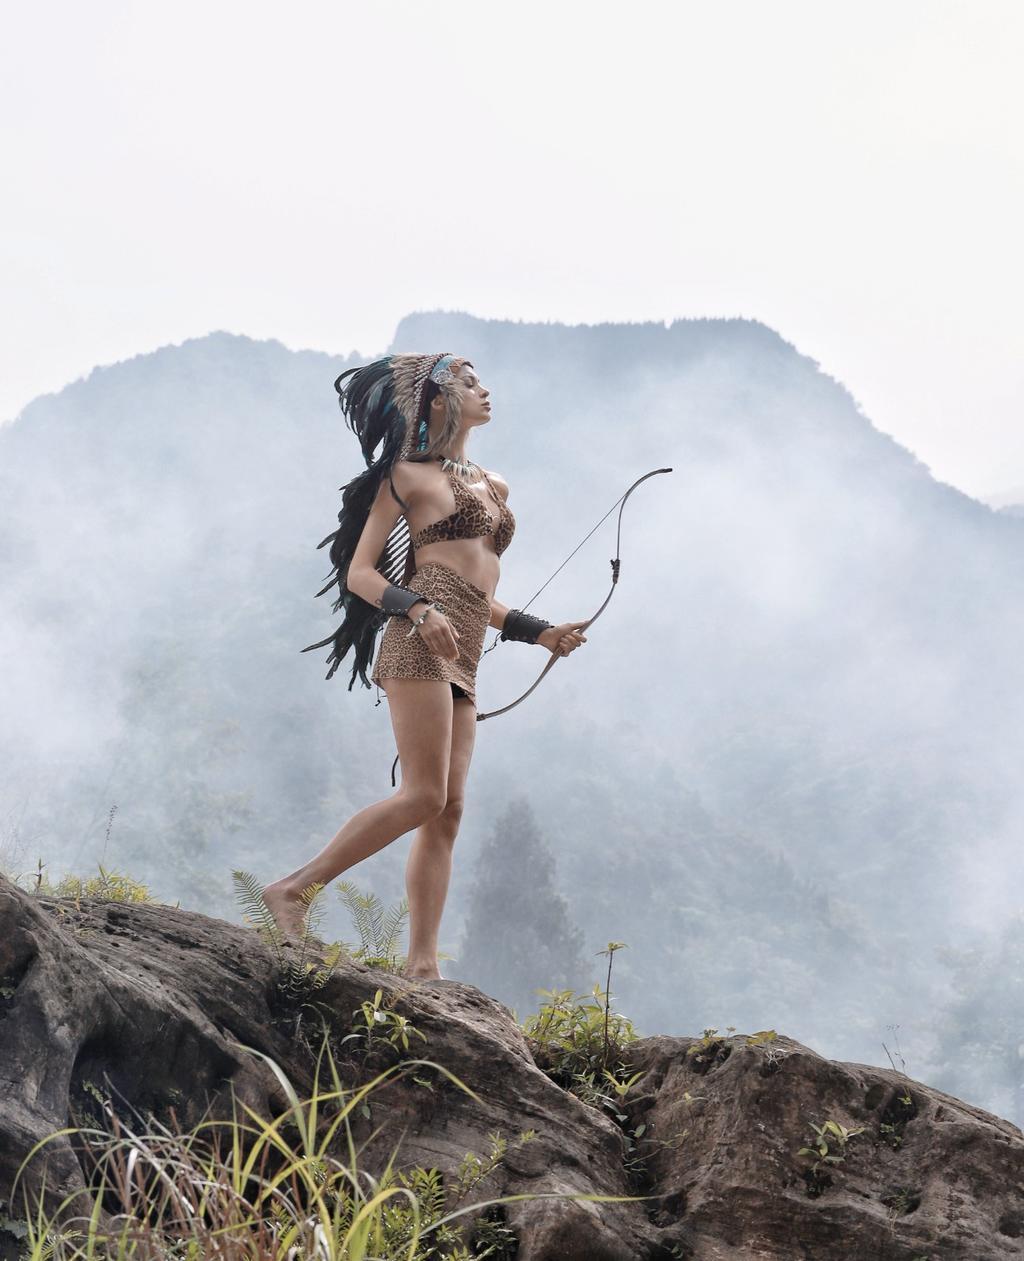 《野性的回去》森系人像摄影作品